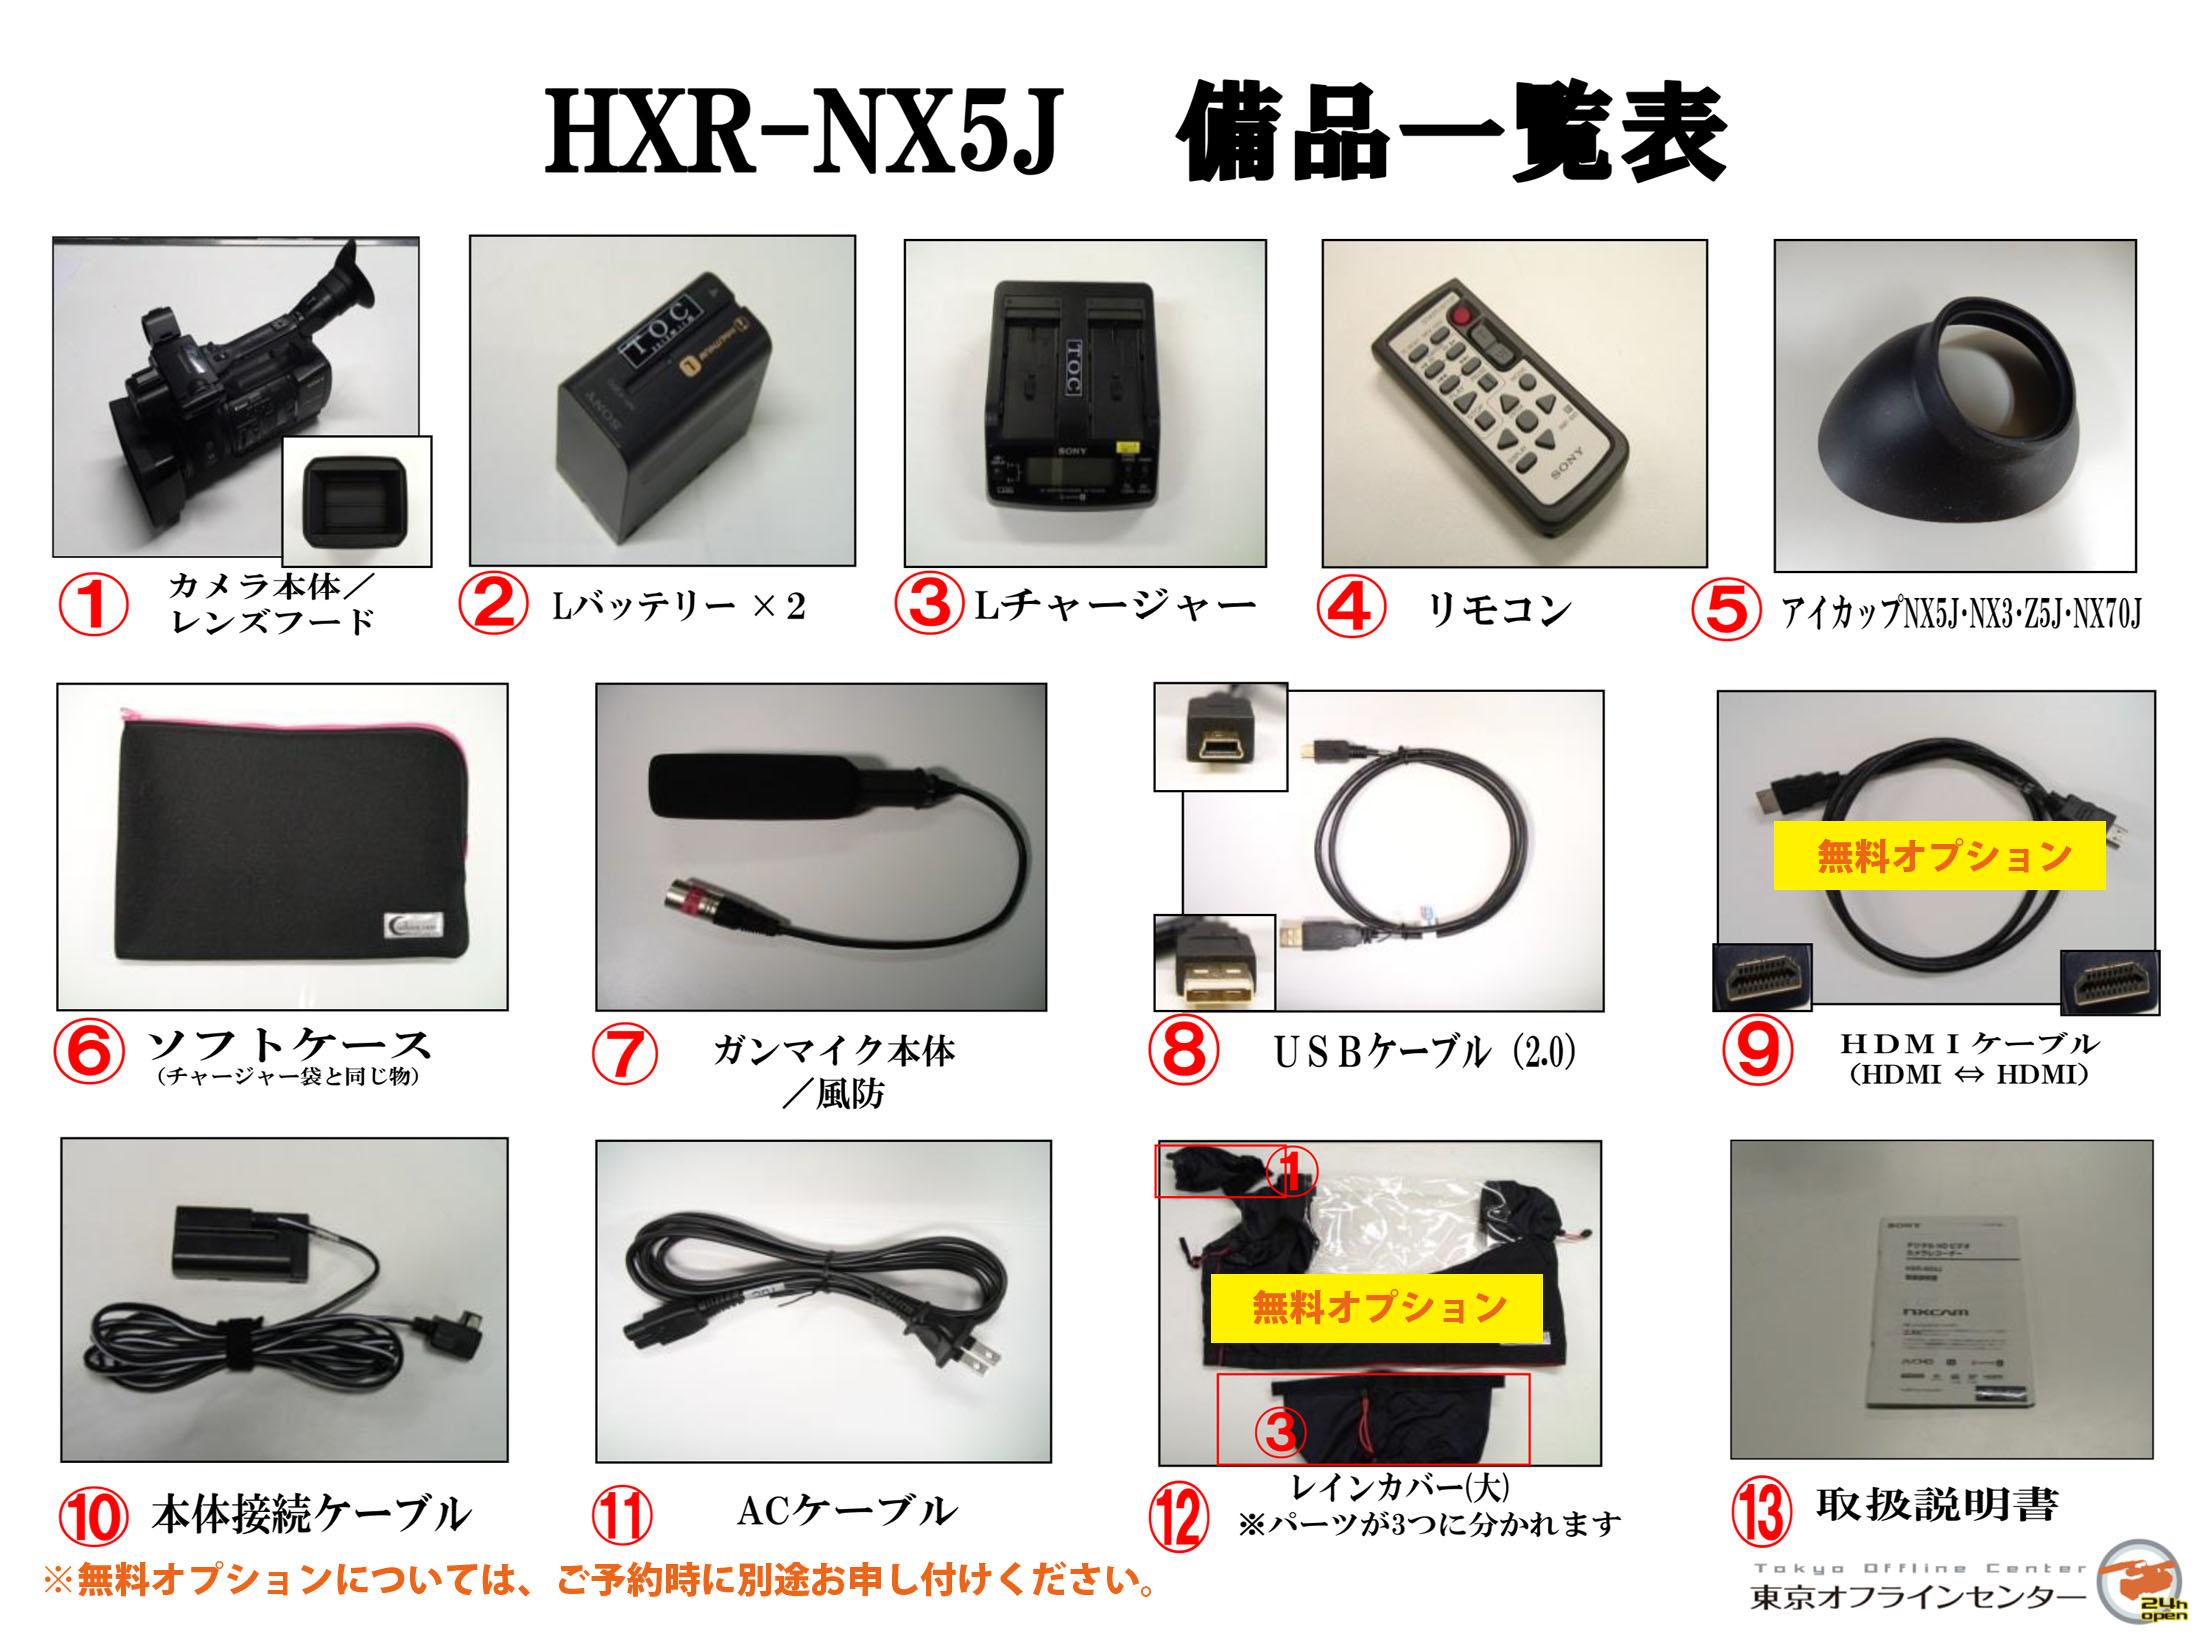 SONY HXR-NX5J